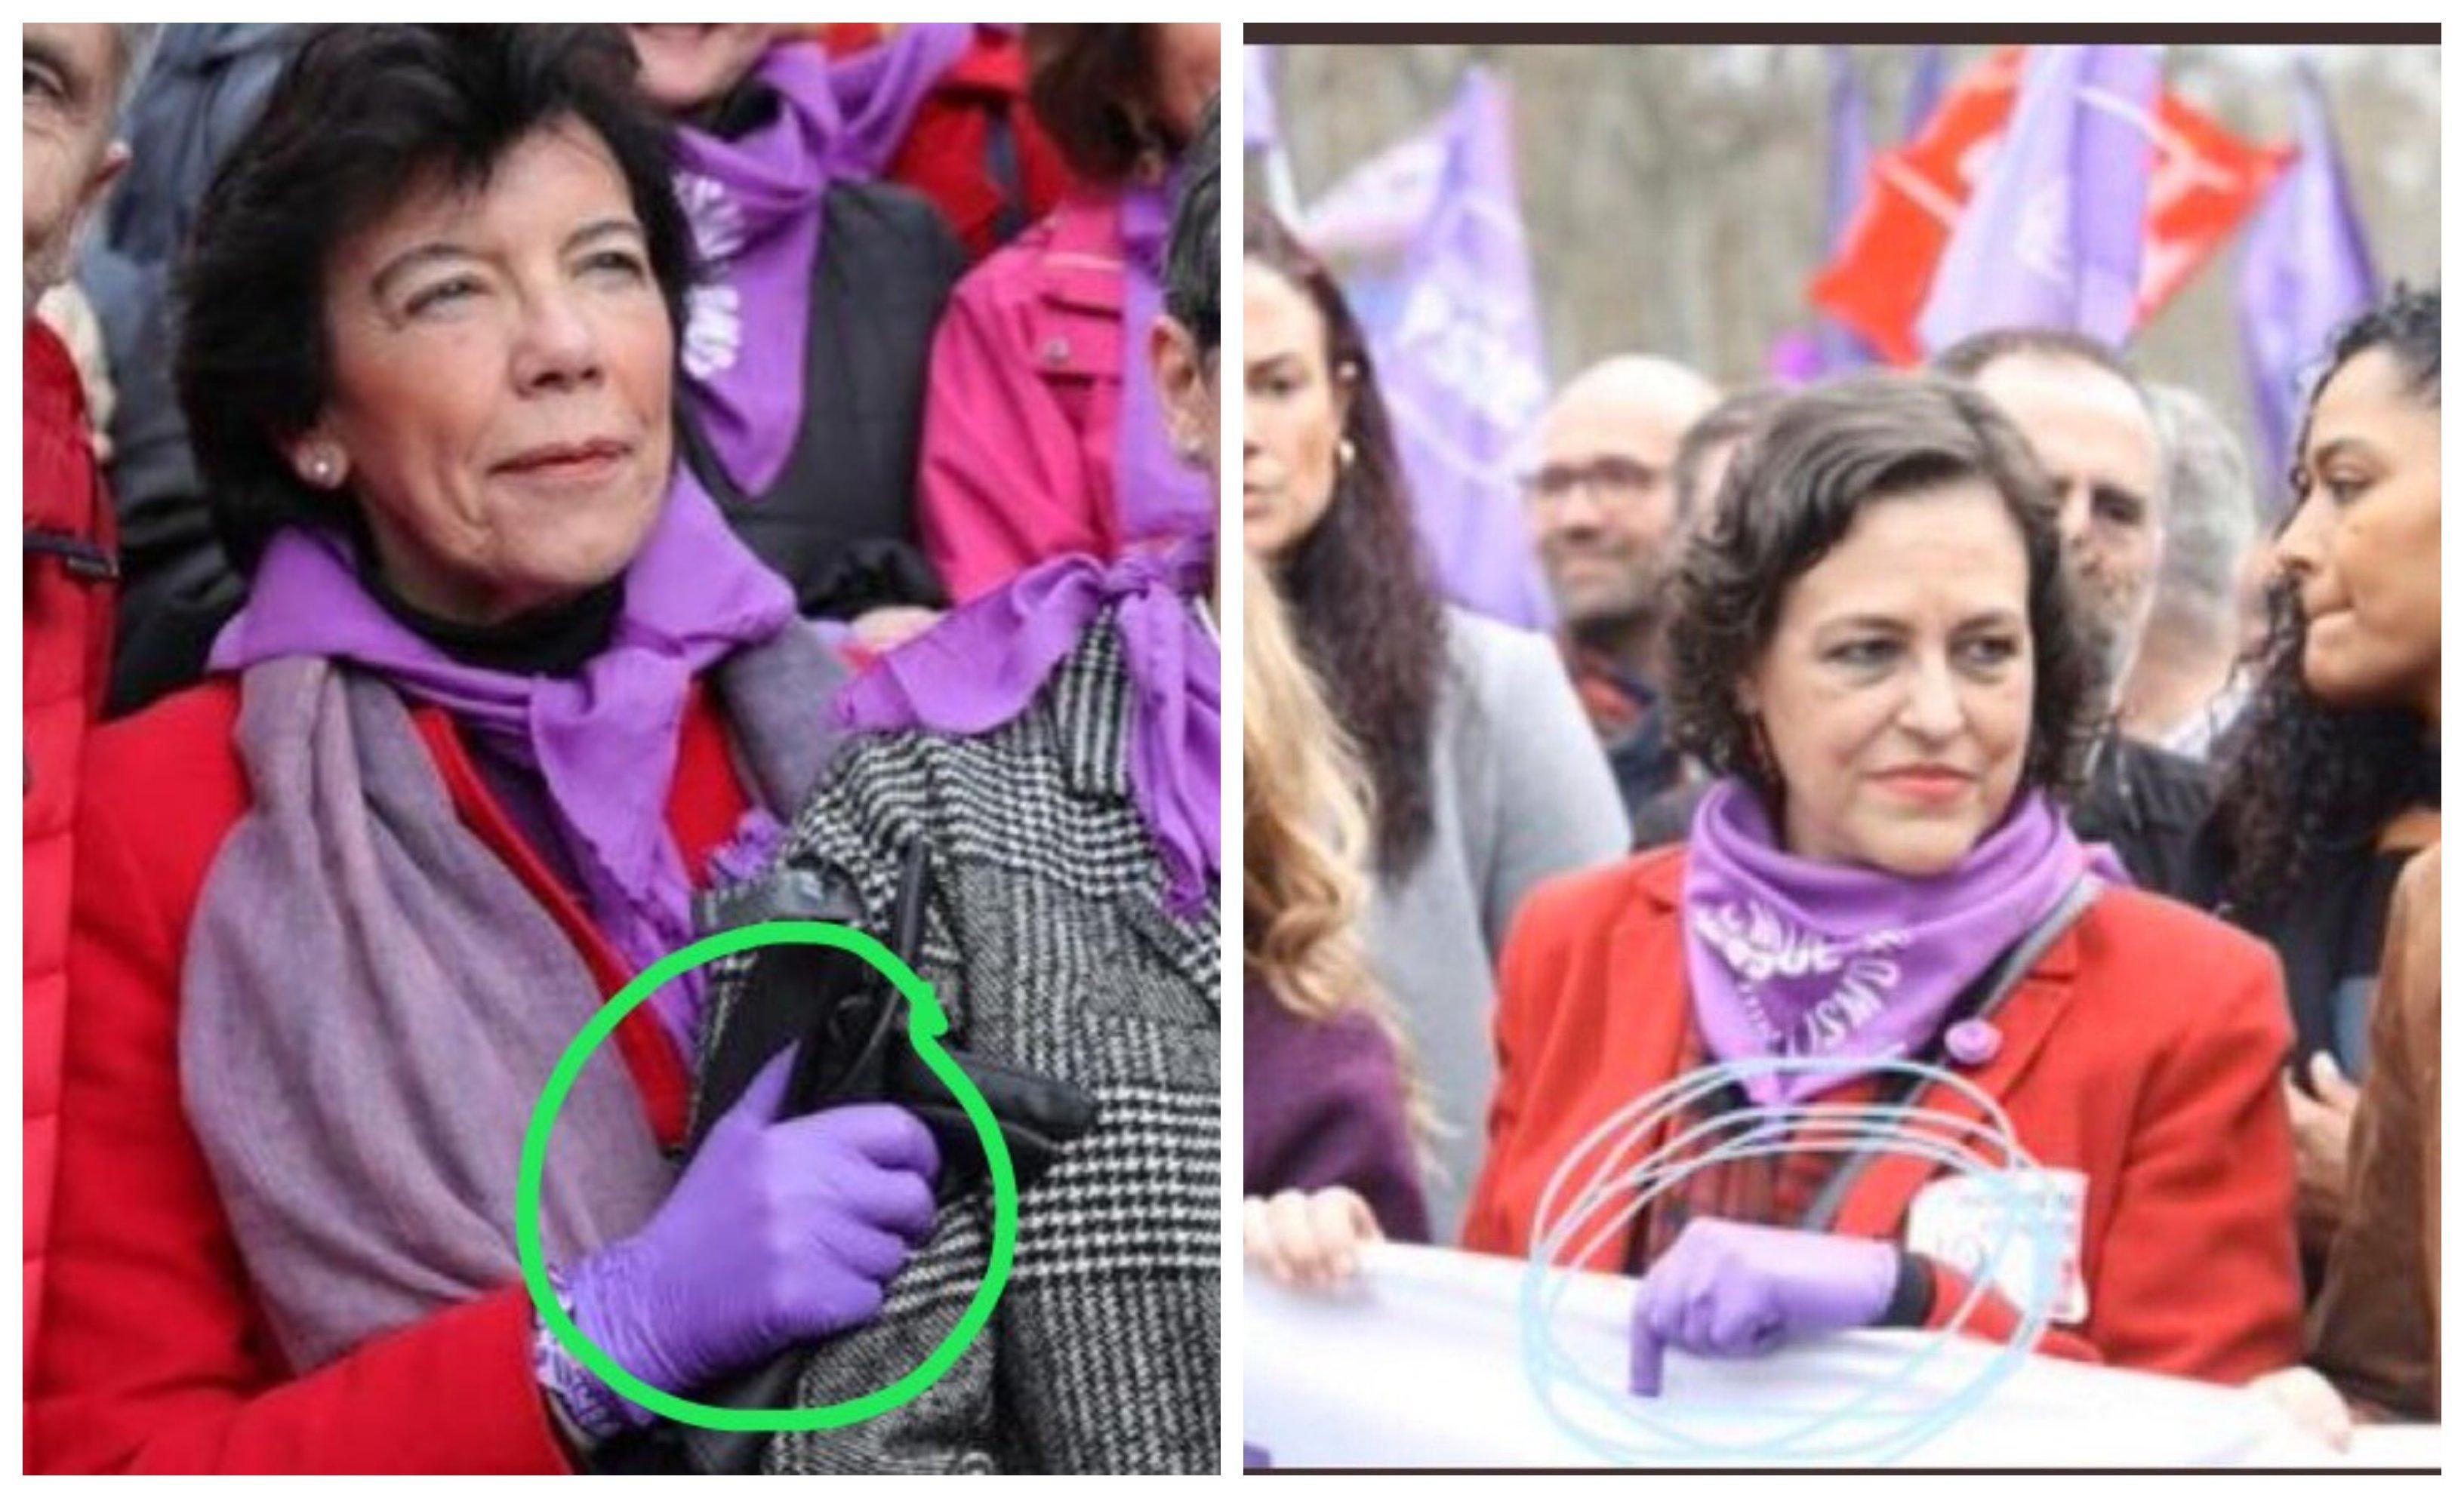 8M. La ministra de más edad del Gobierno y la ex de Trabajo, Valerio, con guantes de latex en la manifestación.. ¿sabían algo que los demás no sabíamos?